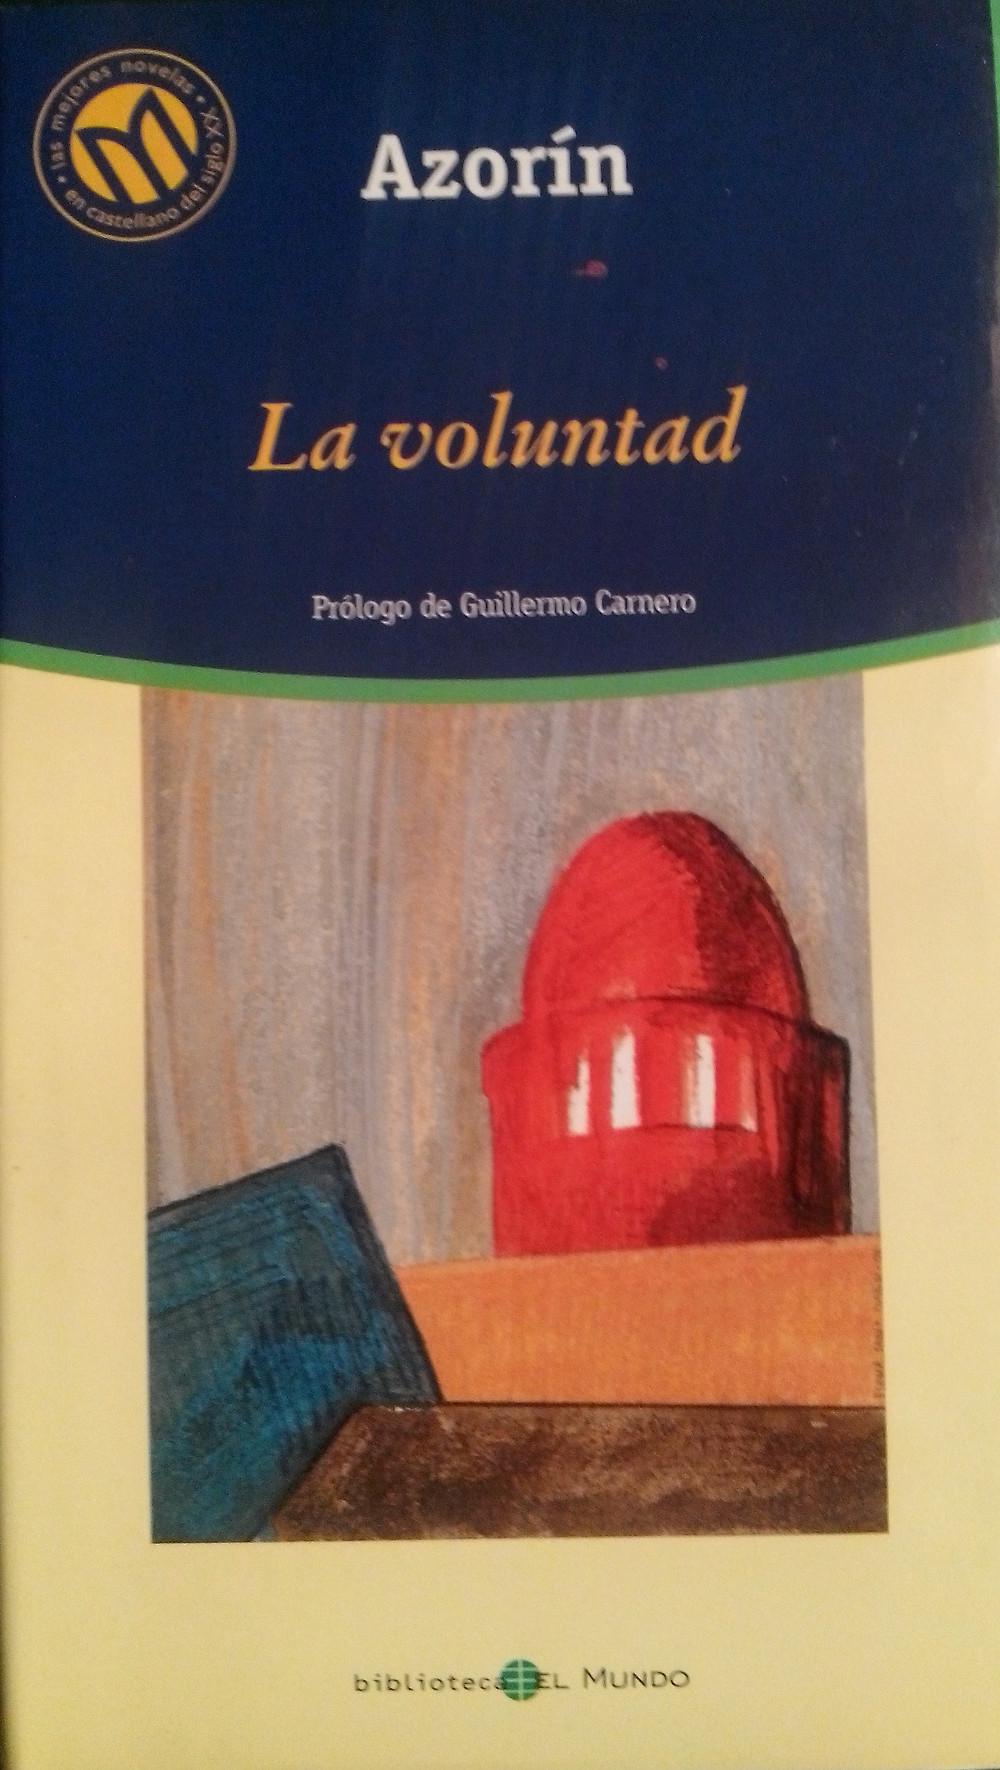 La voluntad. Azorín. Prólogo de Guillermo Carnero. Biblioteca El Mundo. Caja de Ahorro del Mediterráneo. BIBLIOTEX. Barcelona. 2001.